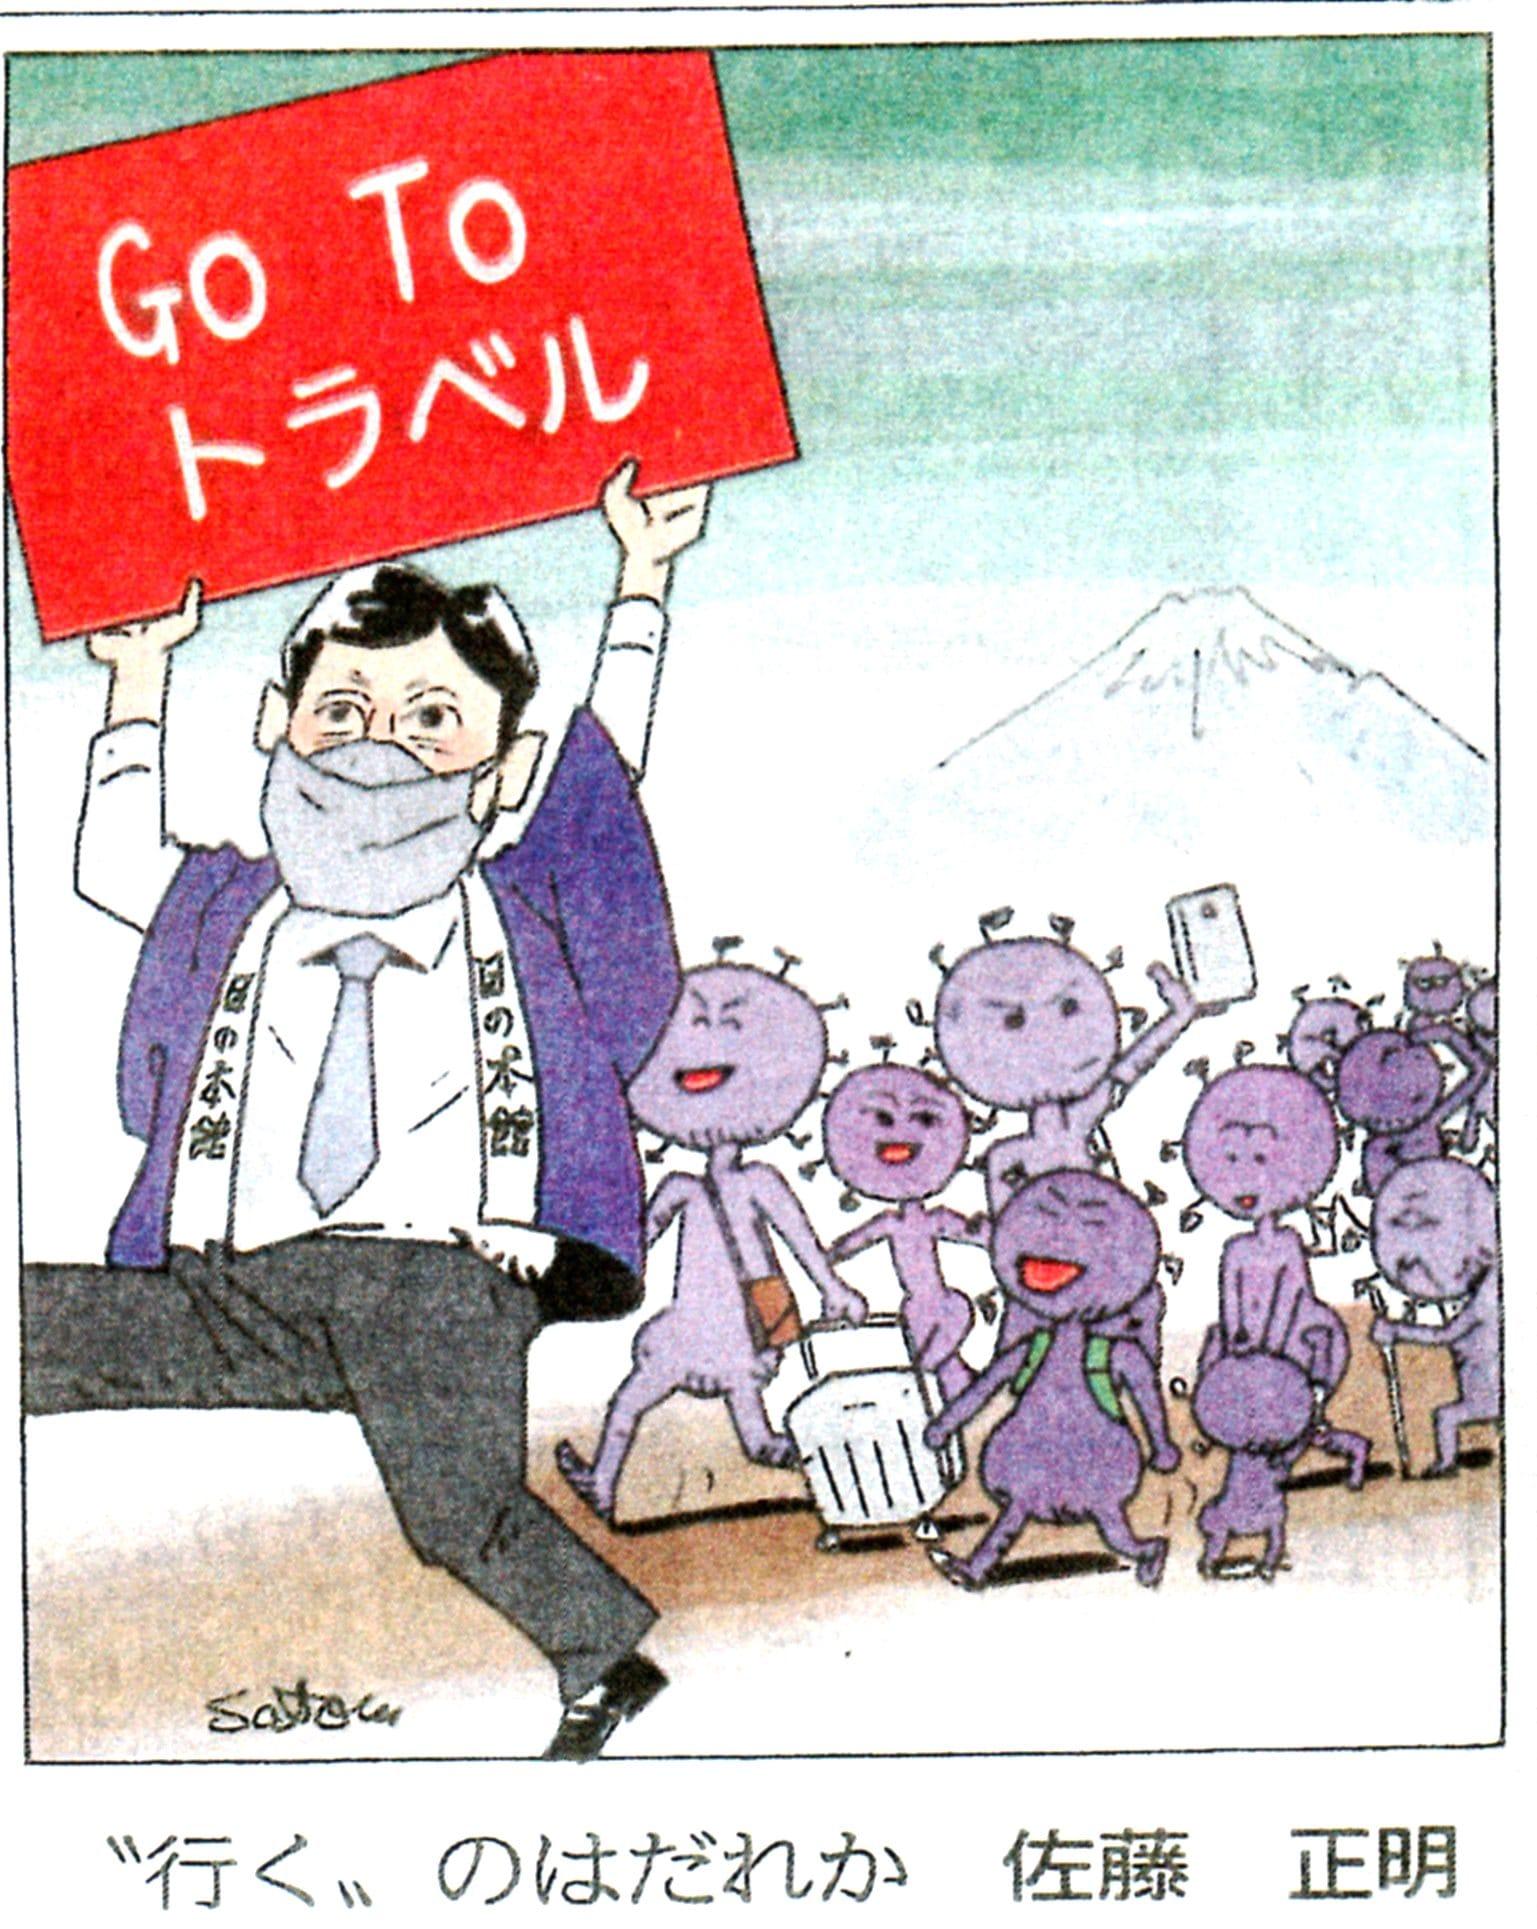 GoToトラブル.jpg